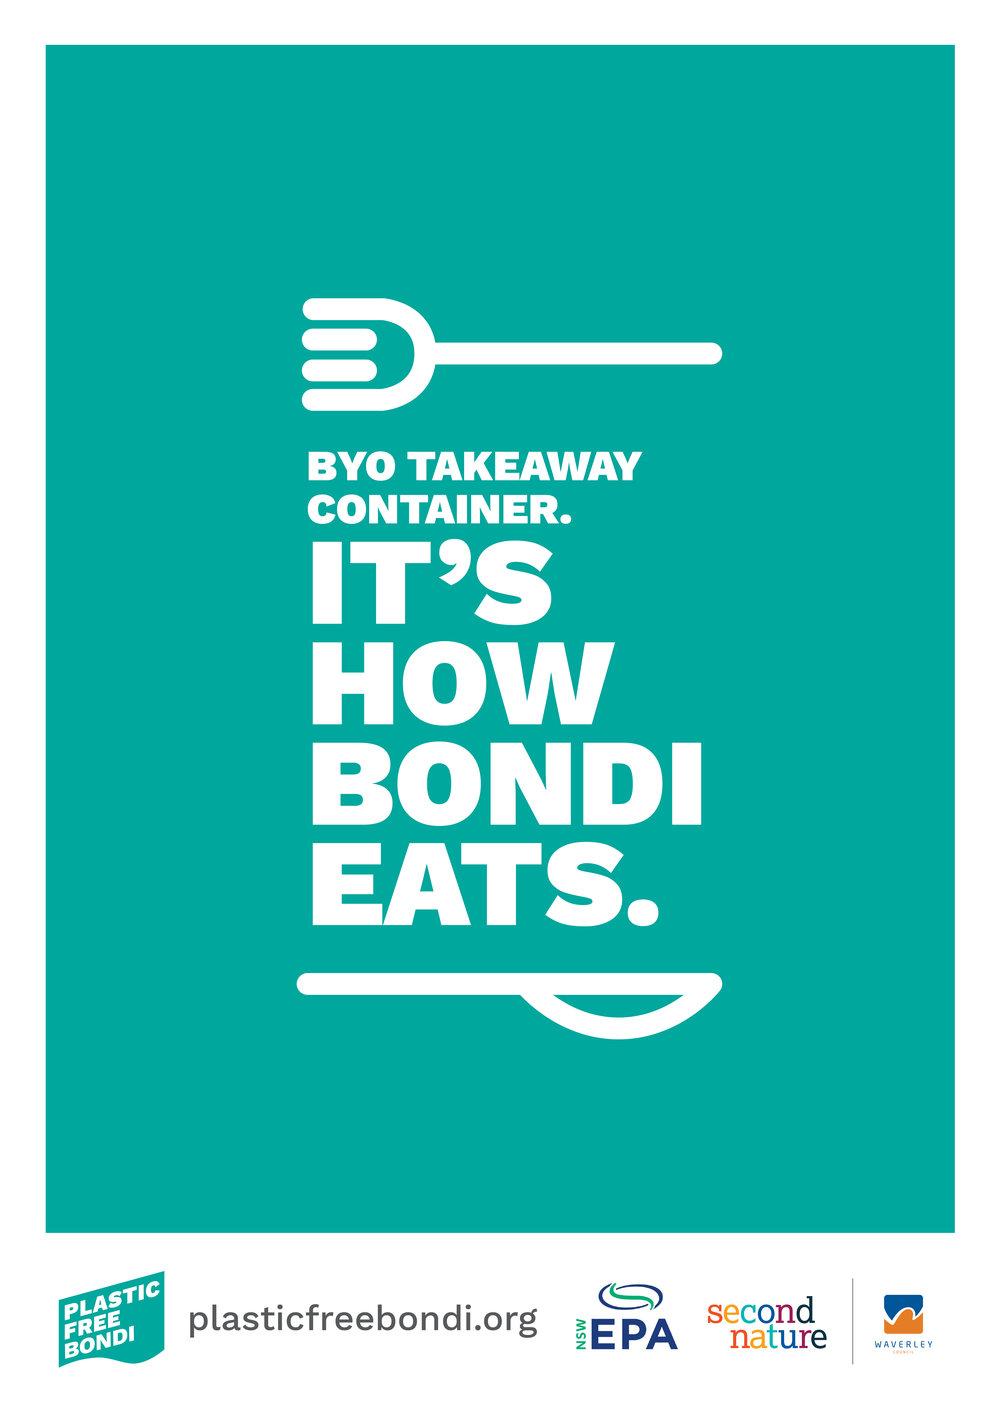 PFB_Bondi Poster BYO Takeaway_A4.jpg